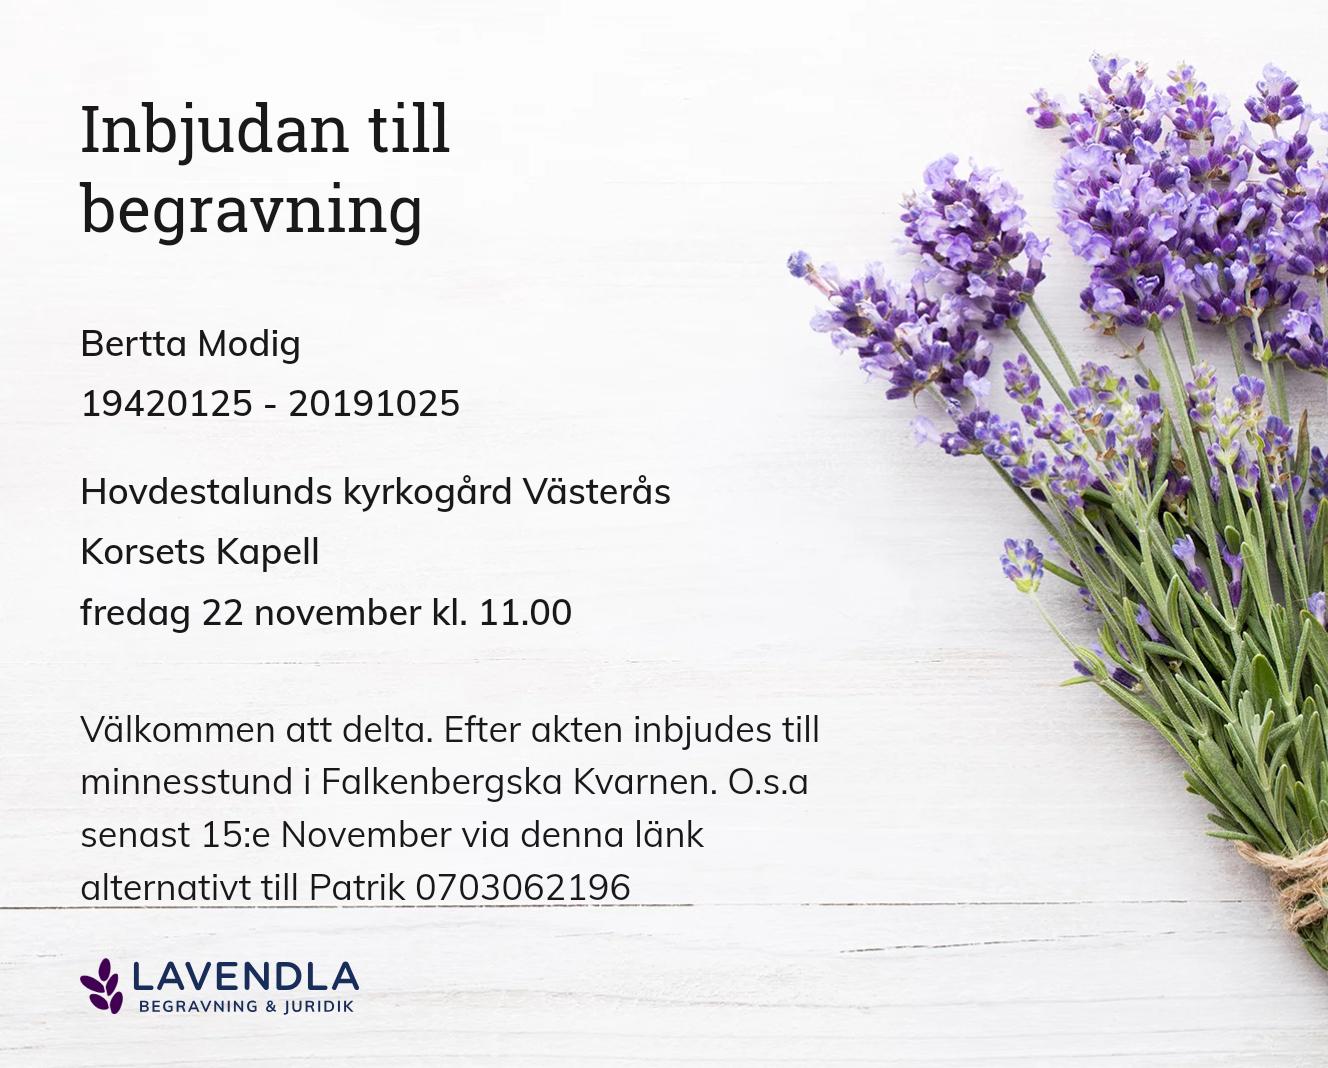 Inbjudningskort till ceremonin för Bertta Modig